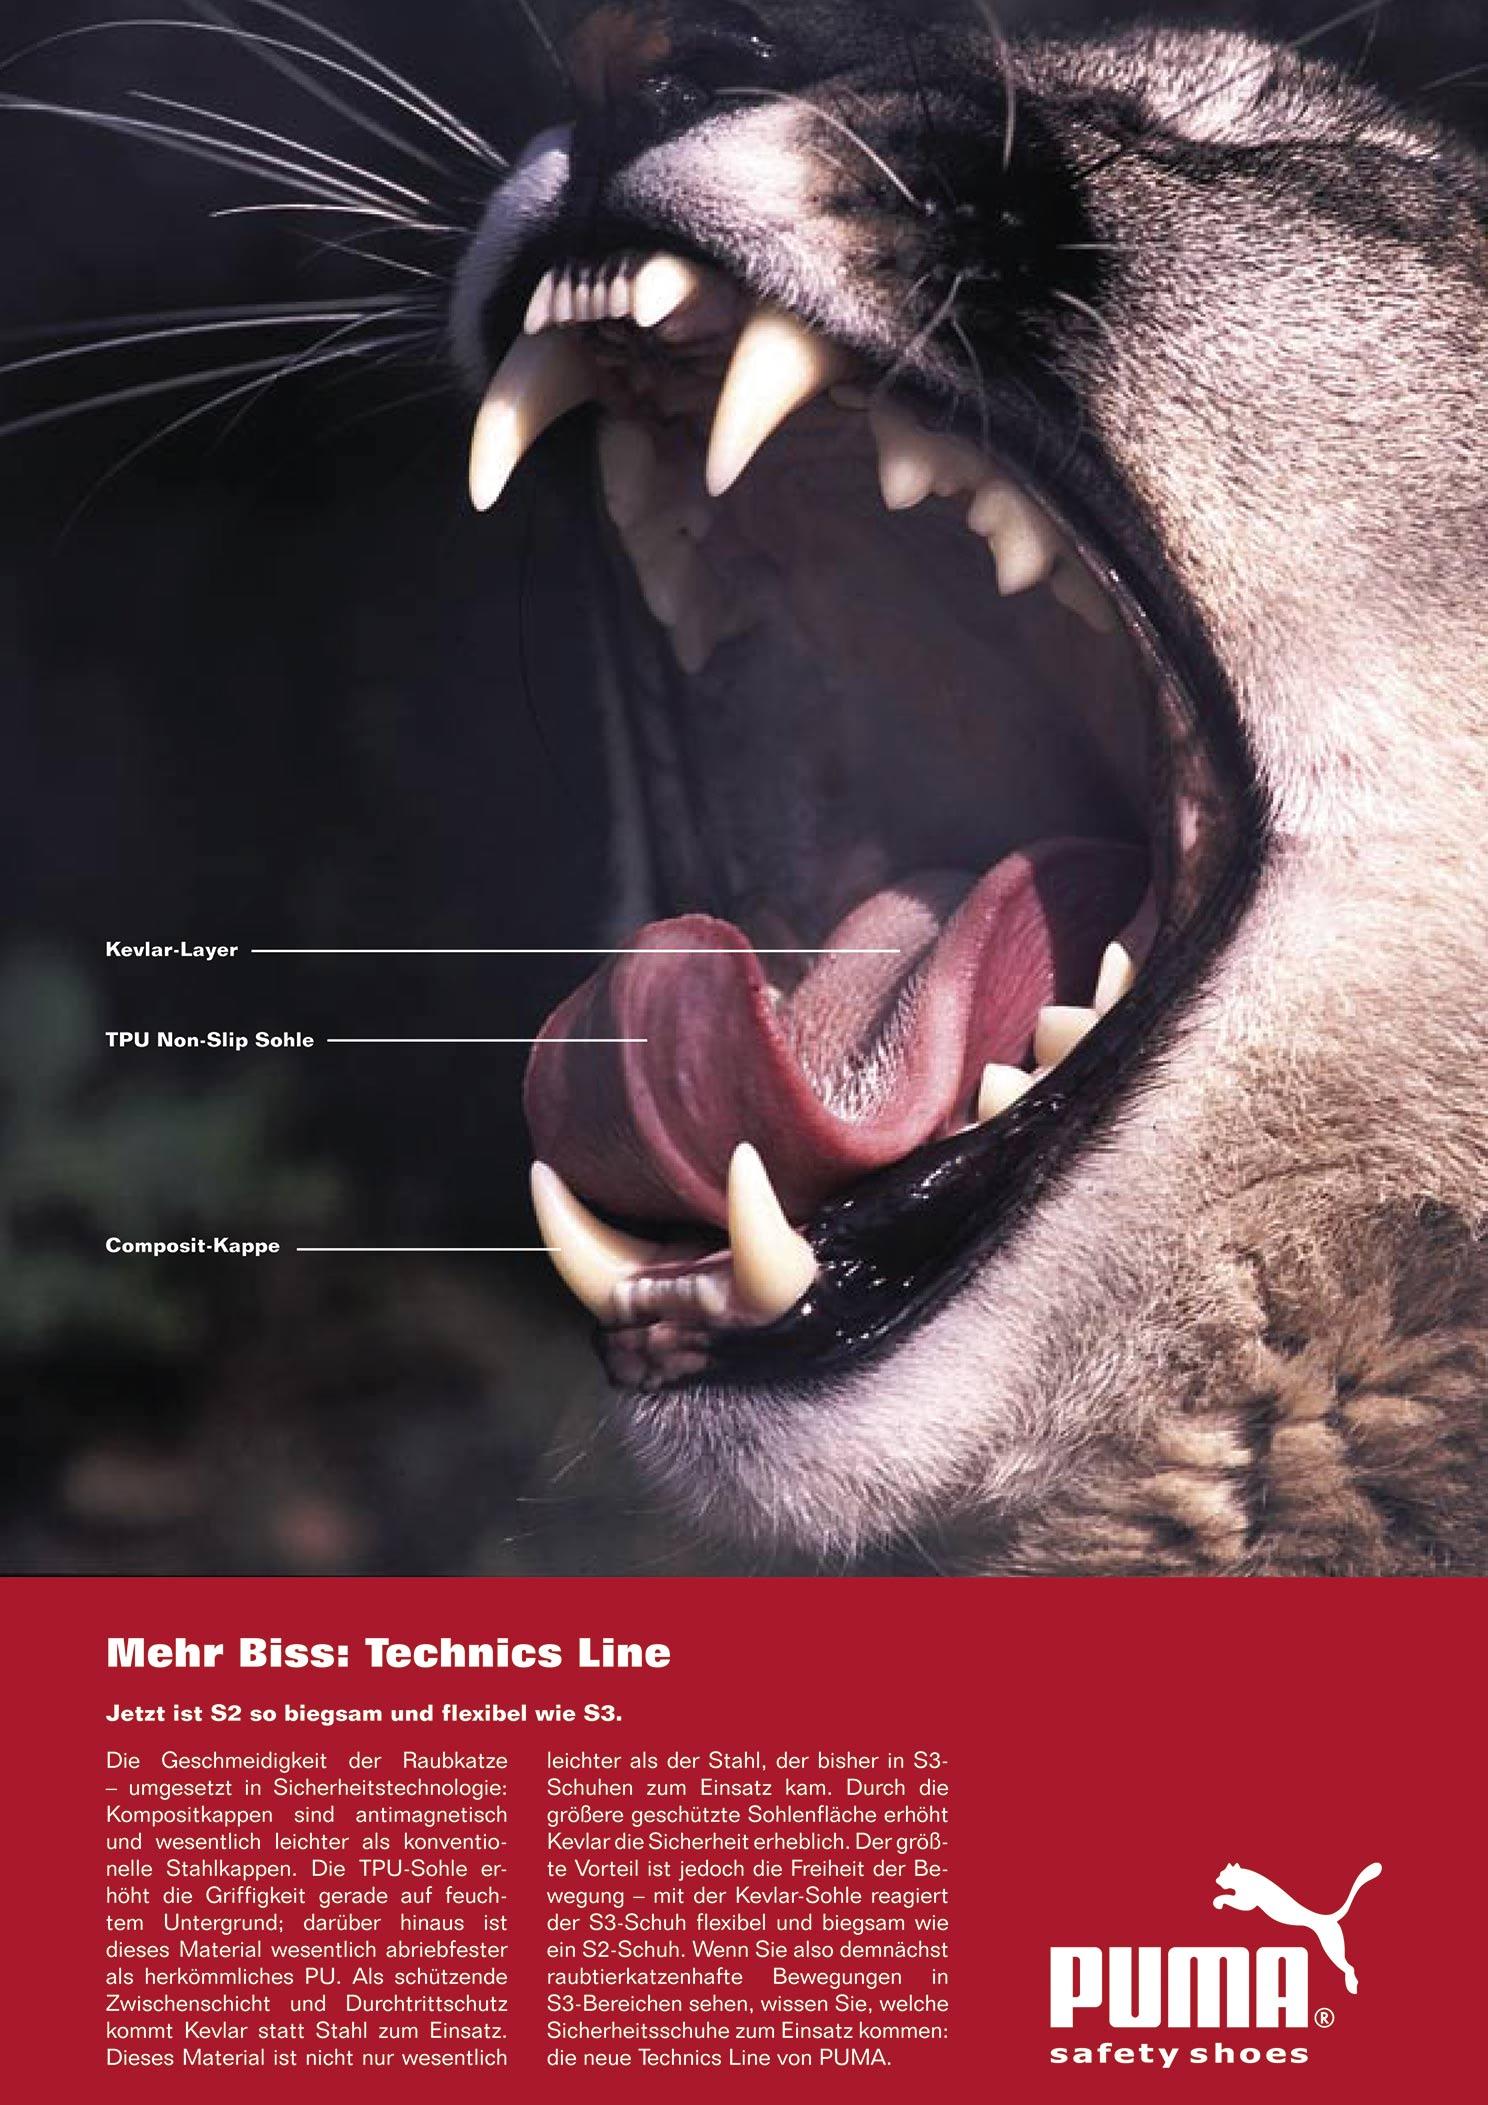 Lizenzmarke Puma: Messekampagne